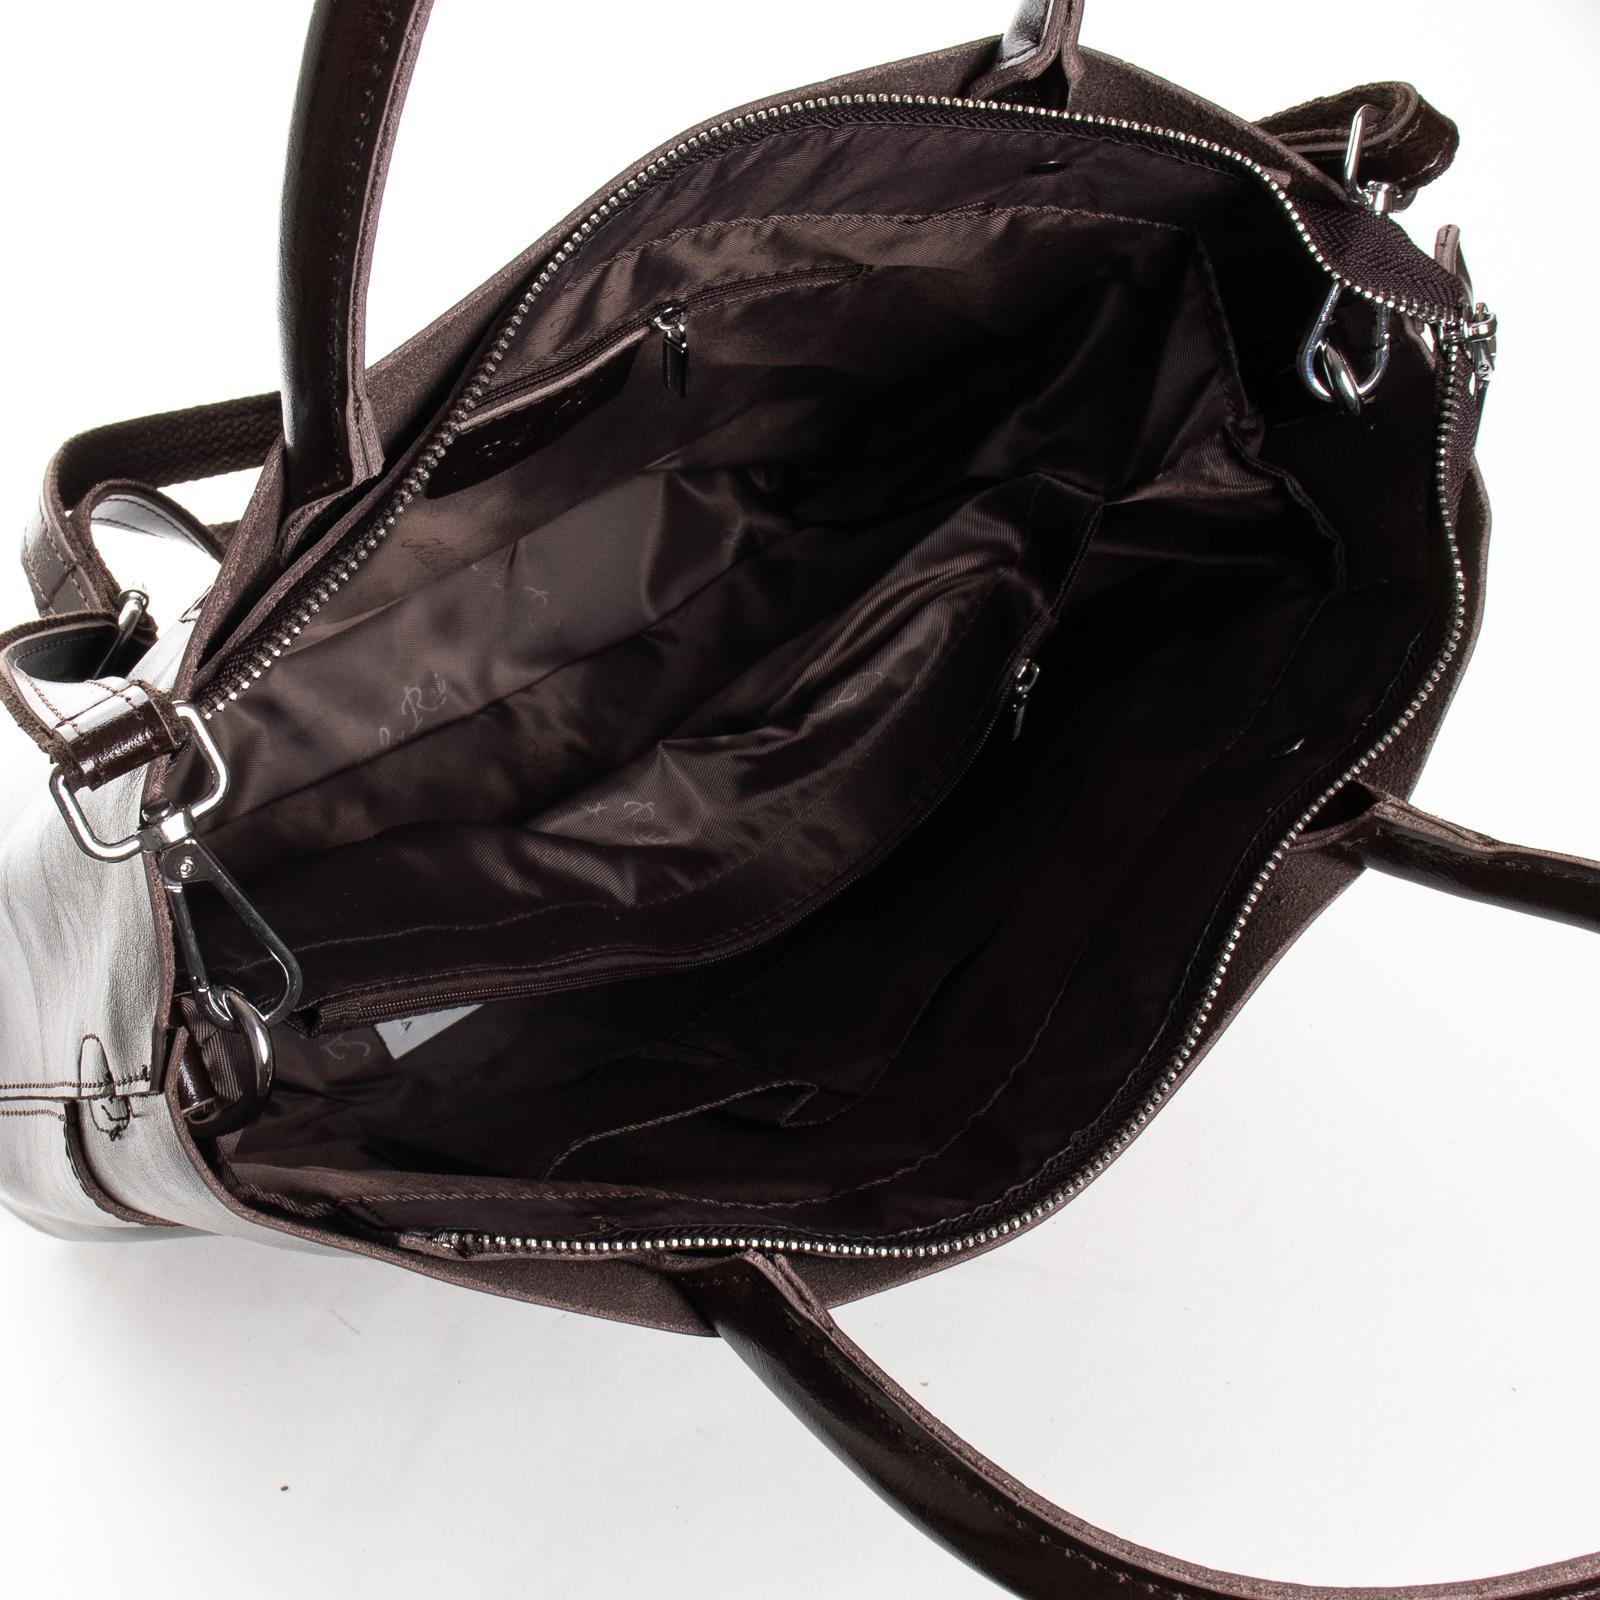 Сумка Женская Классическая кожа ALEX RAI 03-09 13-9505 brown - фото 5